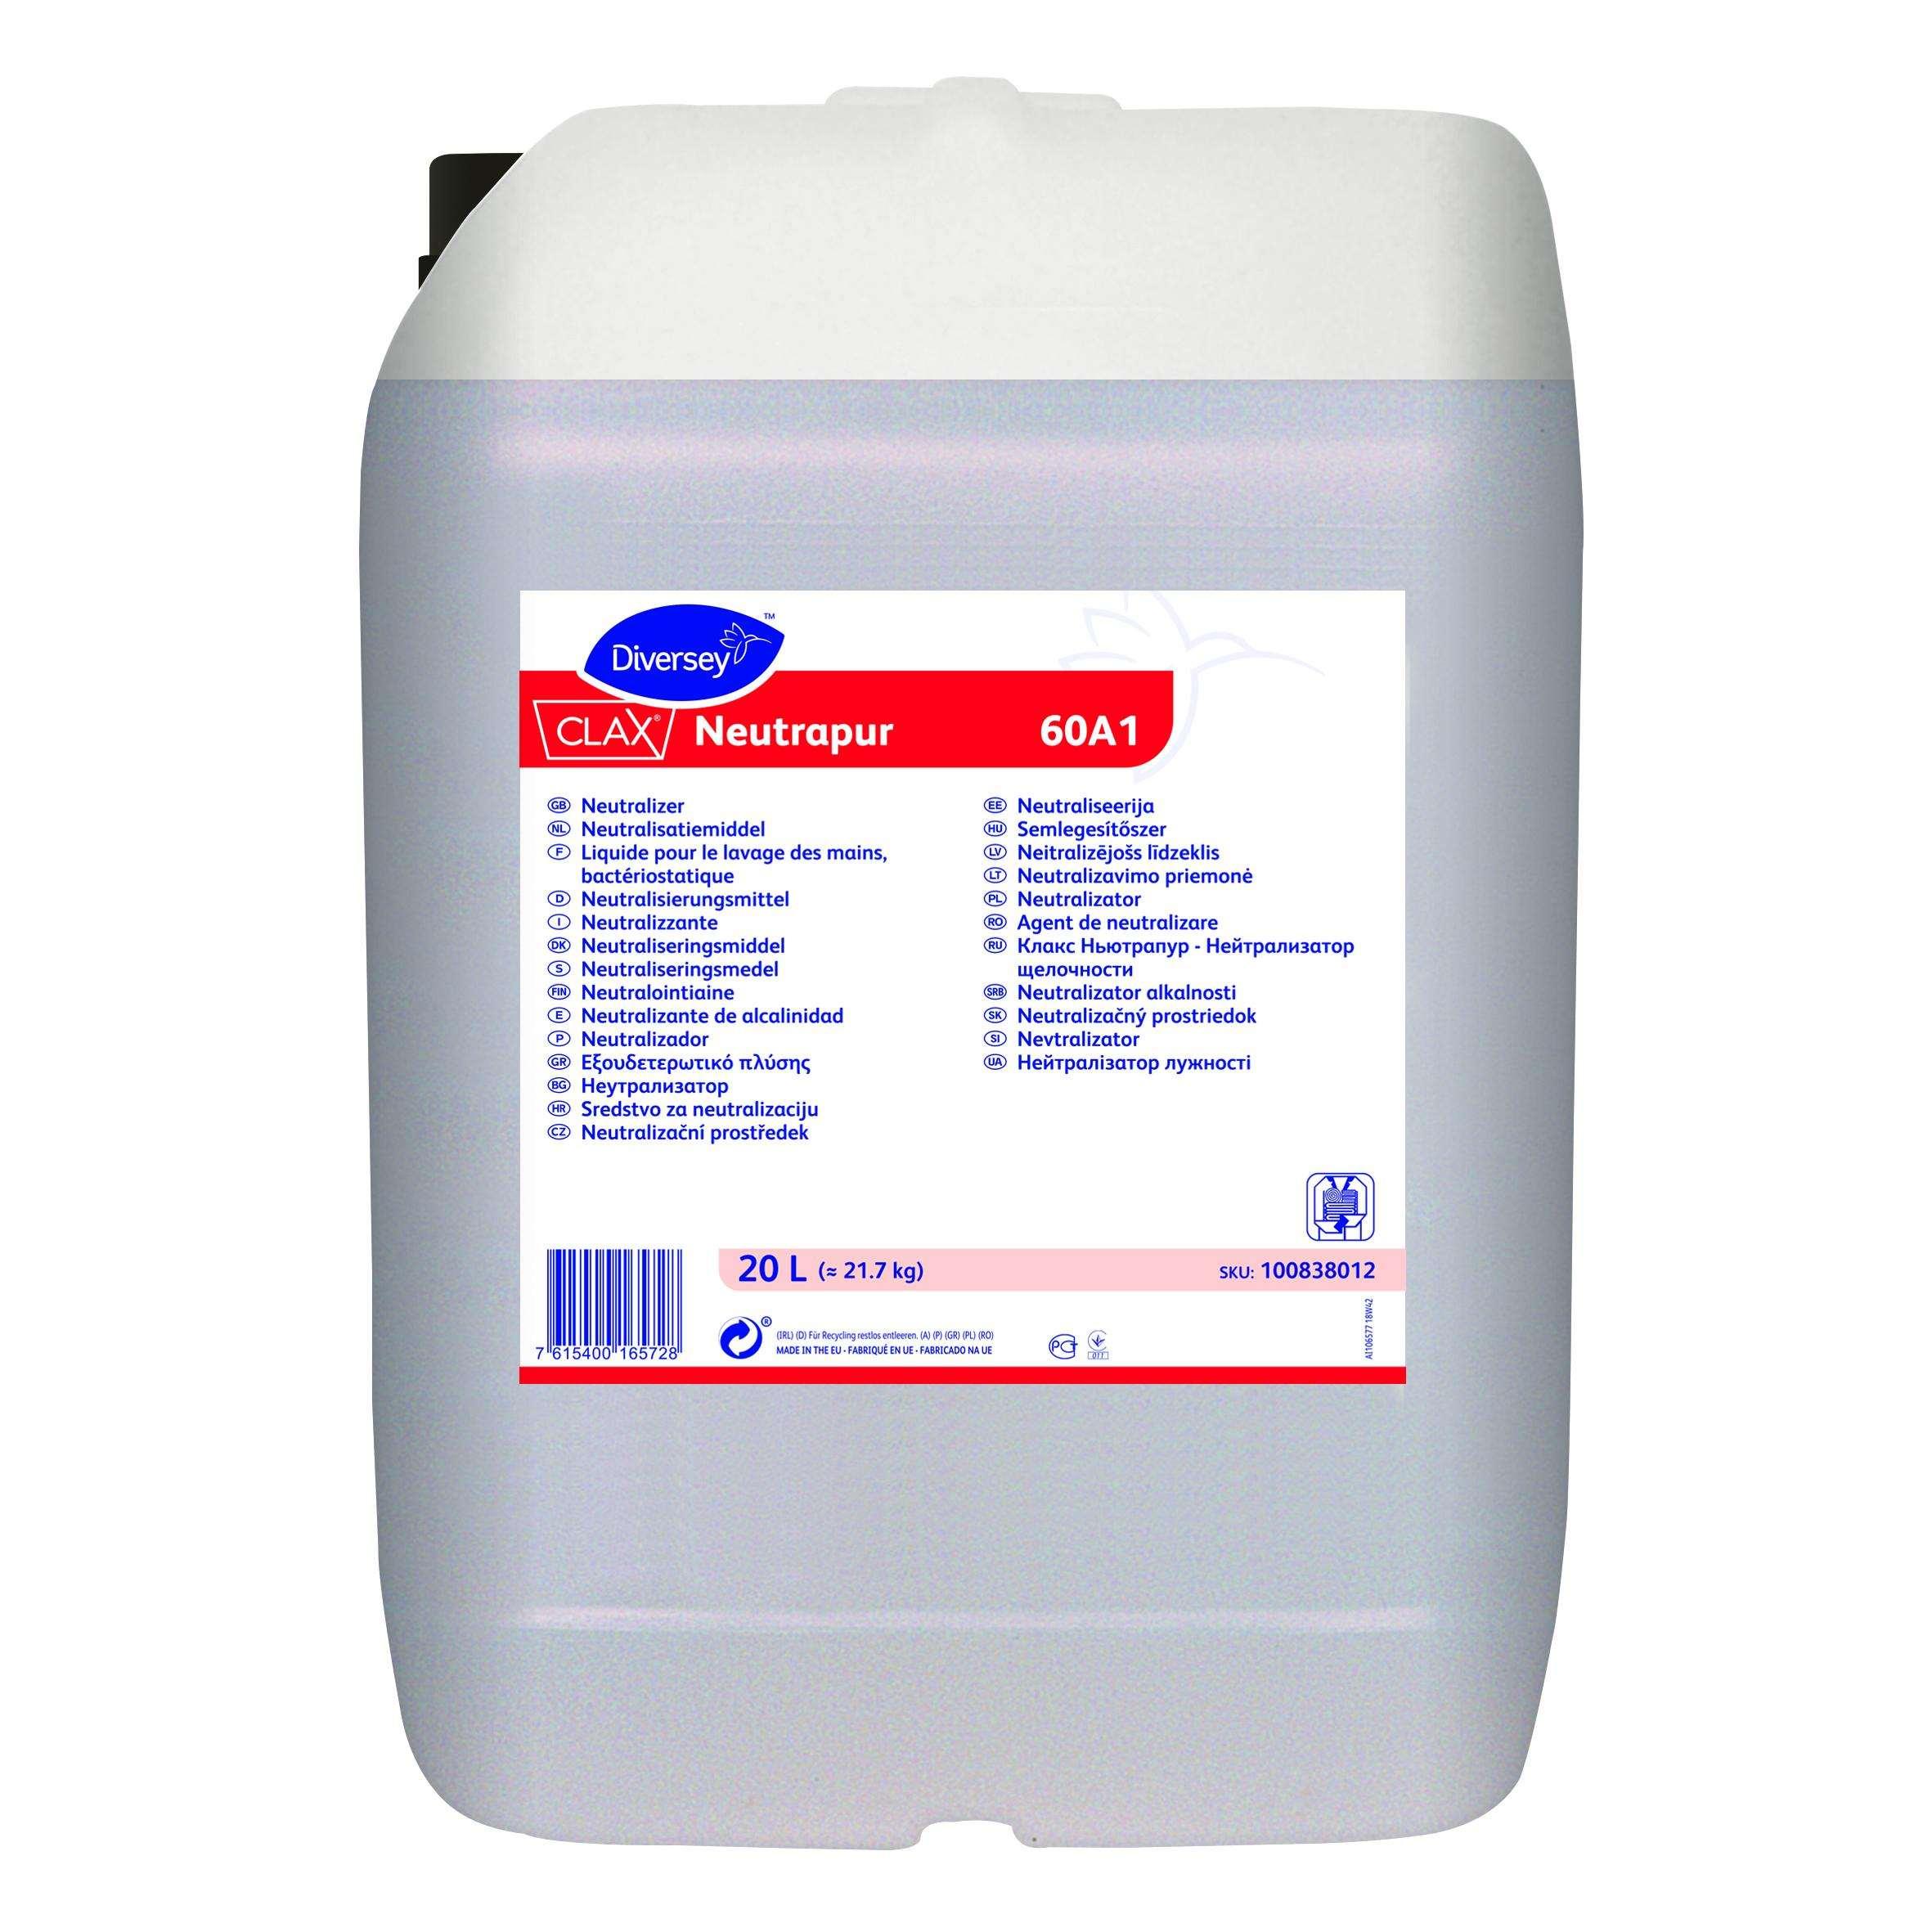 100838012-Clax-Neutrapur-60A1-20L-CMYK-20x20cm.jpg